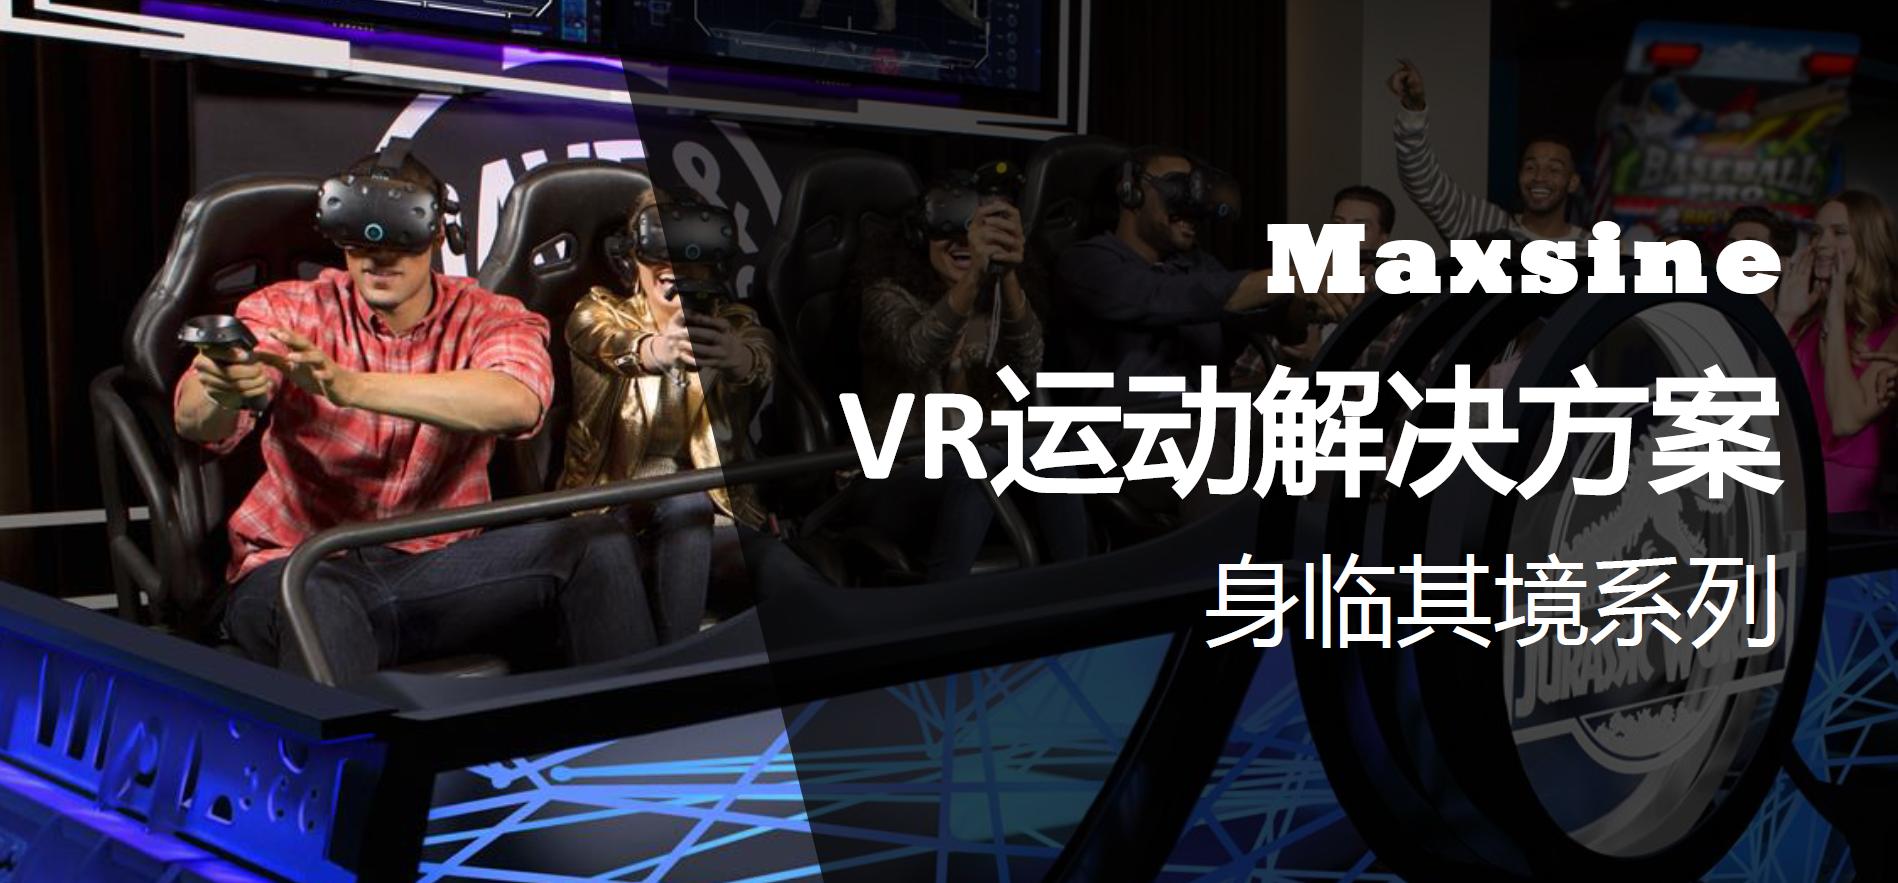 国内首发 | Maxsine VR运动解决方案